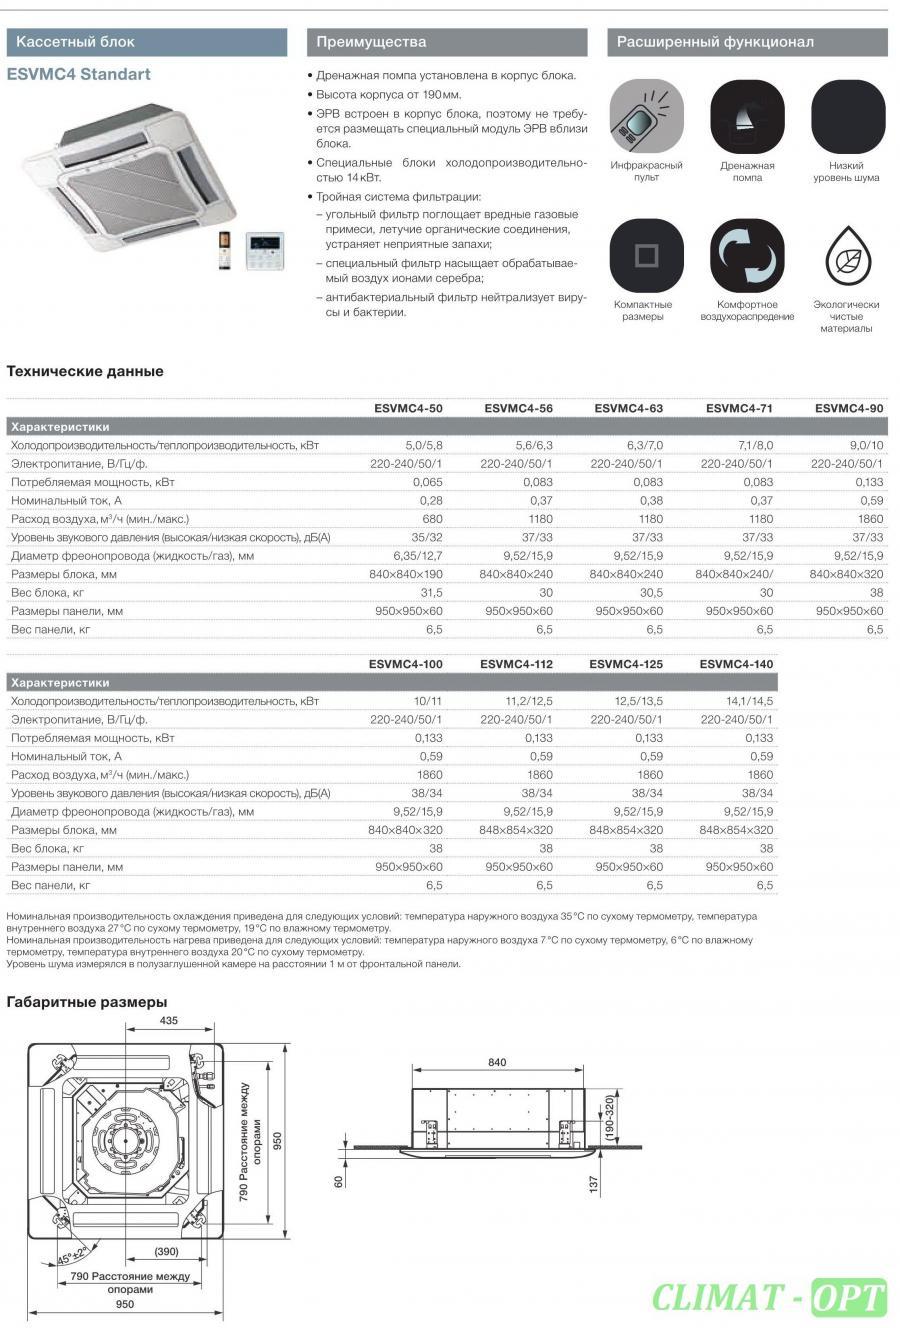 Внутренний блок касетного типа Electrolux ESVMC